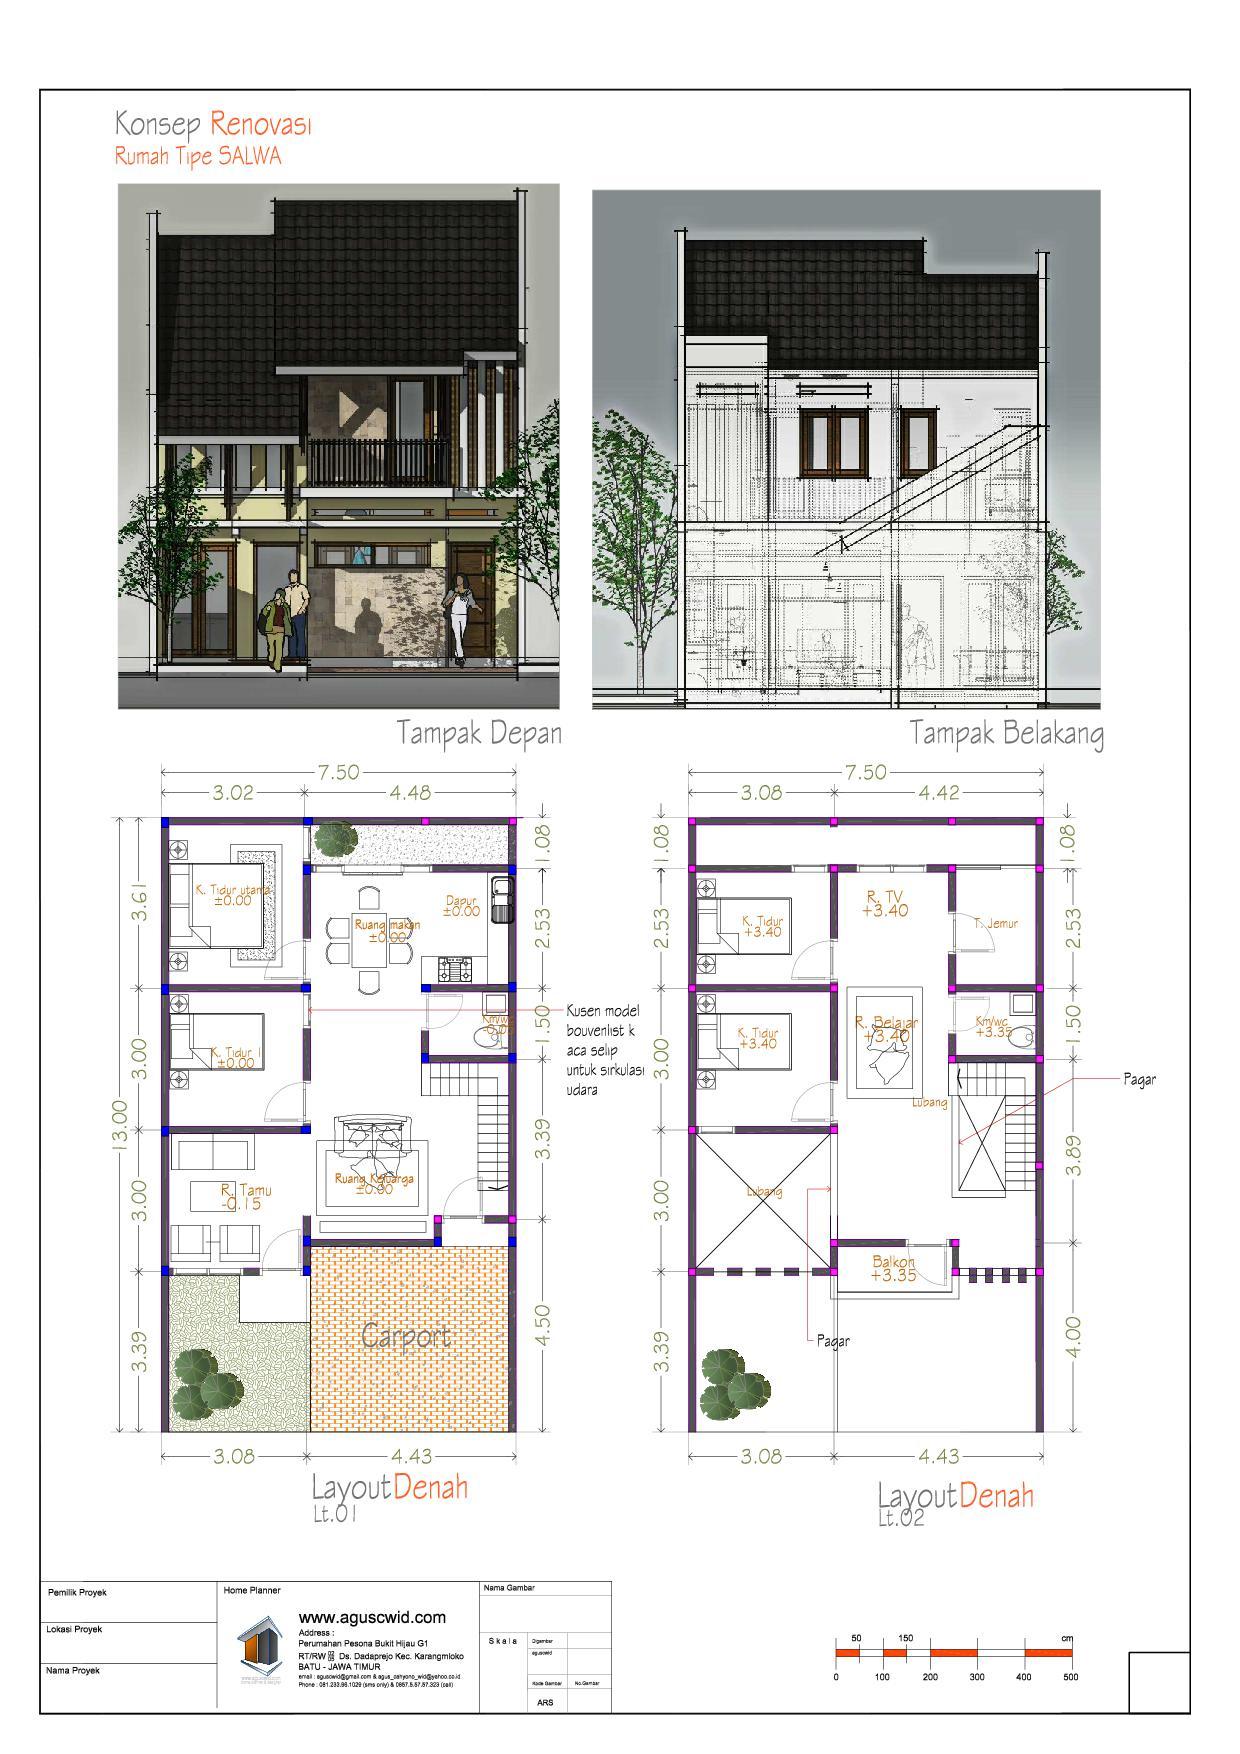 renovasi rumah tinggal tropis lahan 7 5x13 m2 aguscwid